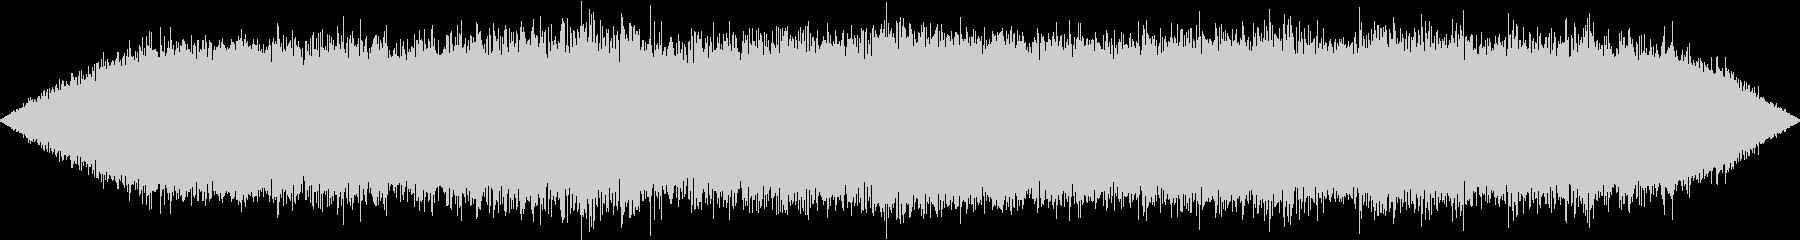 【生録音】初夏の夜の環境音 虫の声 1の未再生の波形